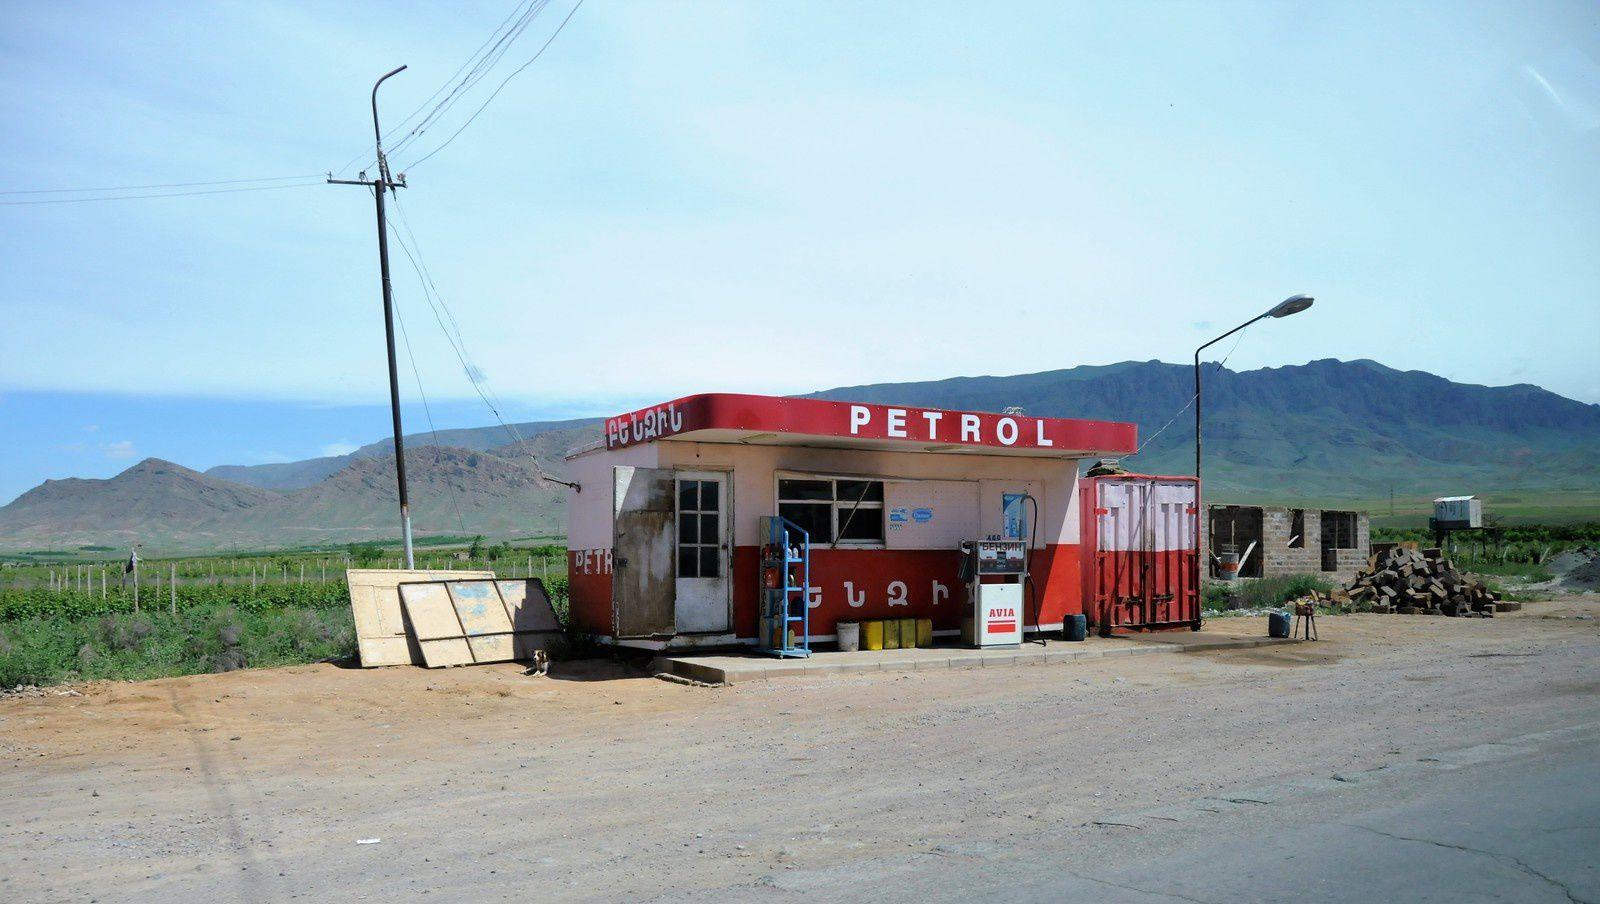 En Arménie, c'est BENZIN ou PETROL...